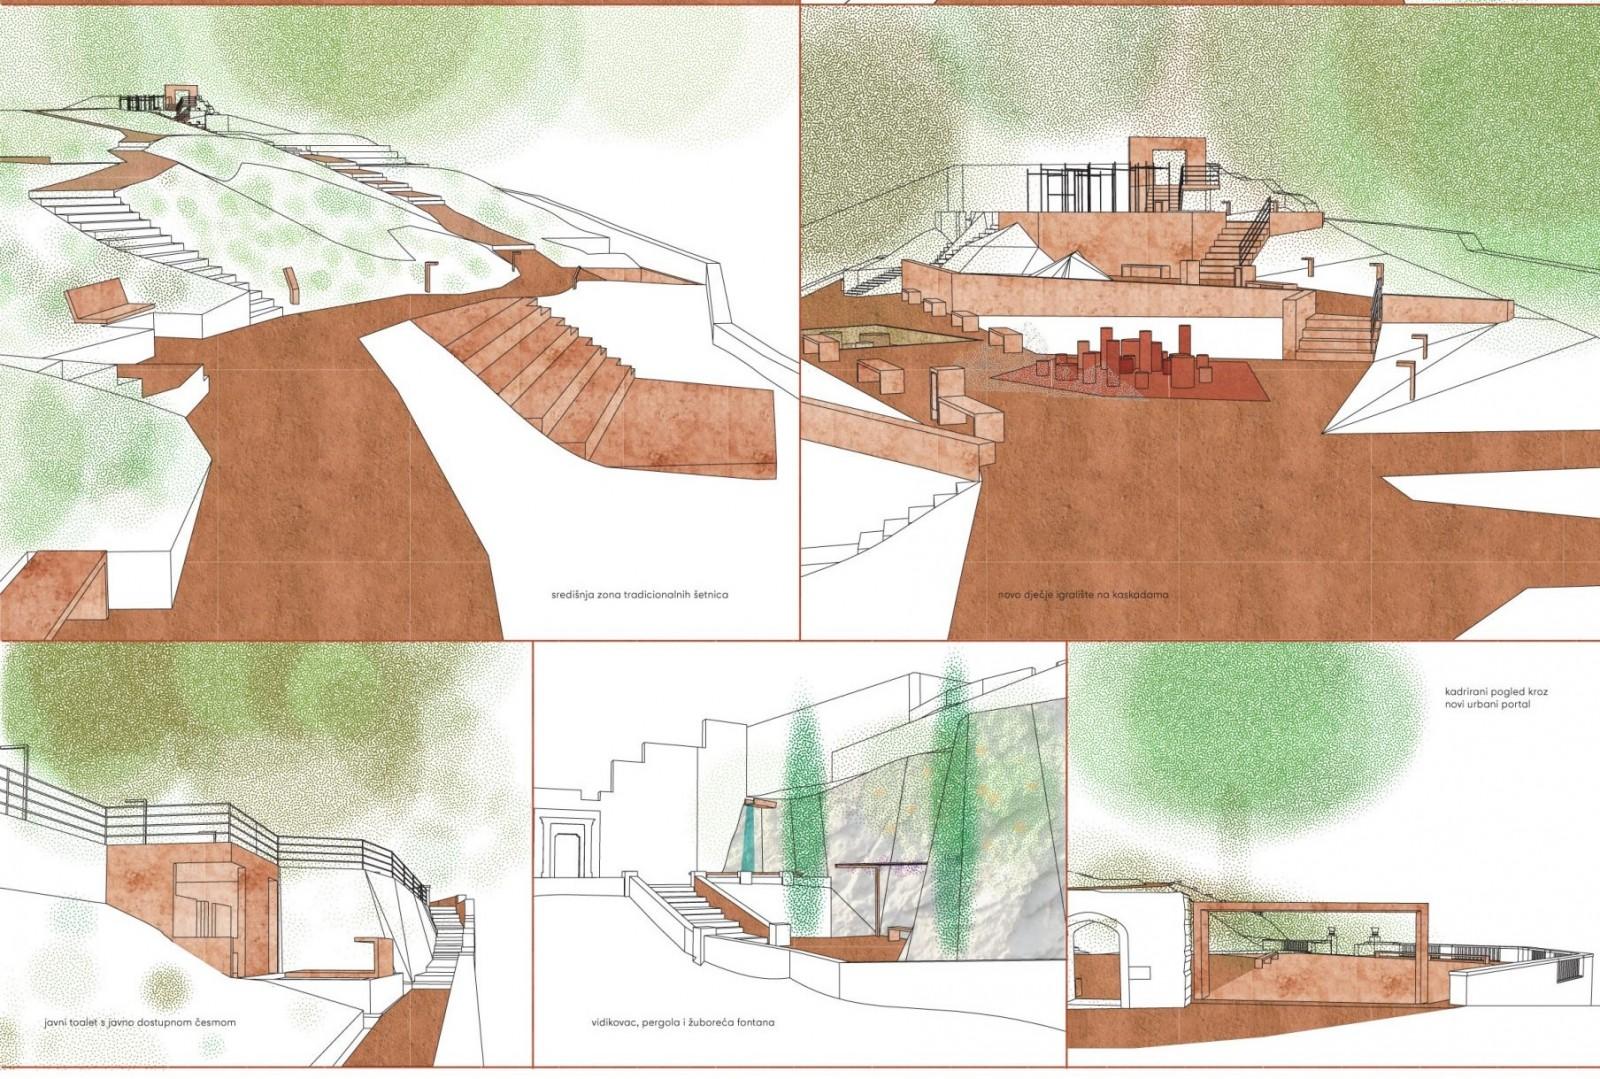 Završen natječaj za izradu idejnog urbanističko-arhitektonsko-krajobraznog rješenja Parka Gradac, izabran pobjednički rad